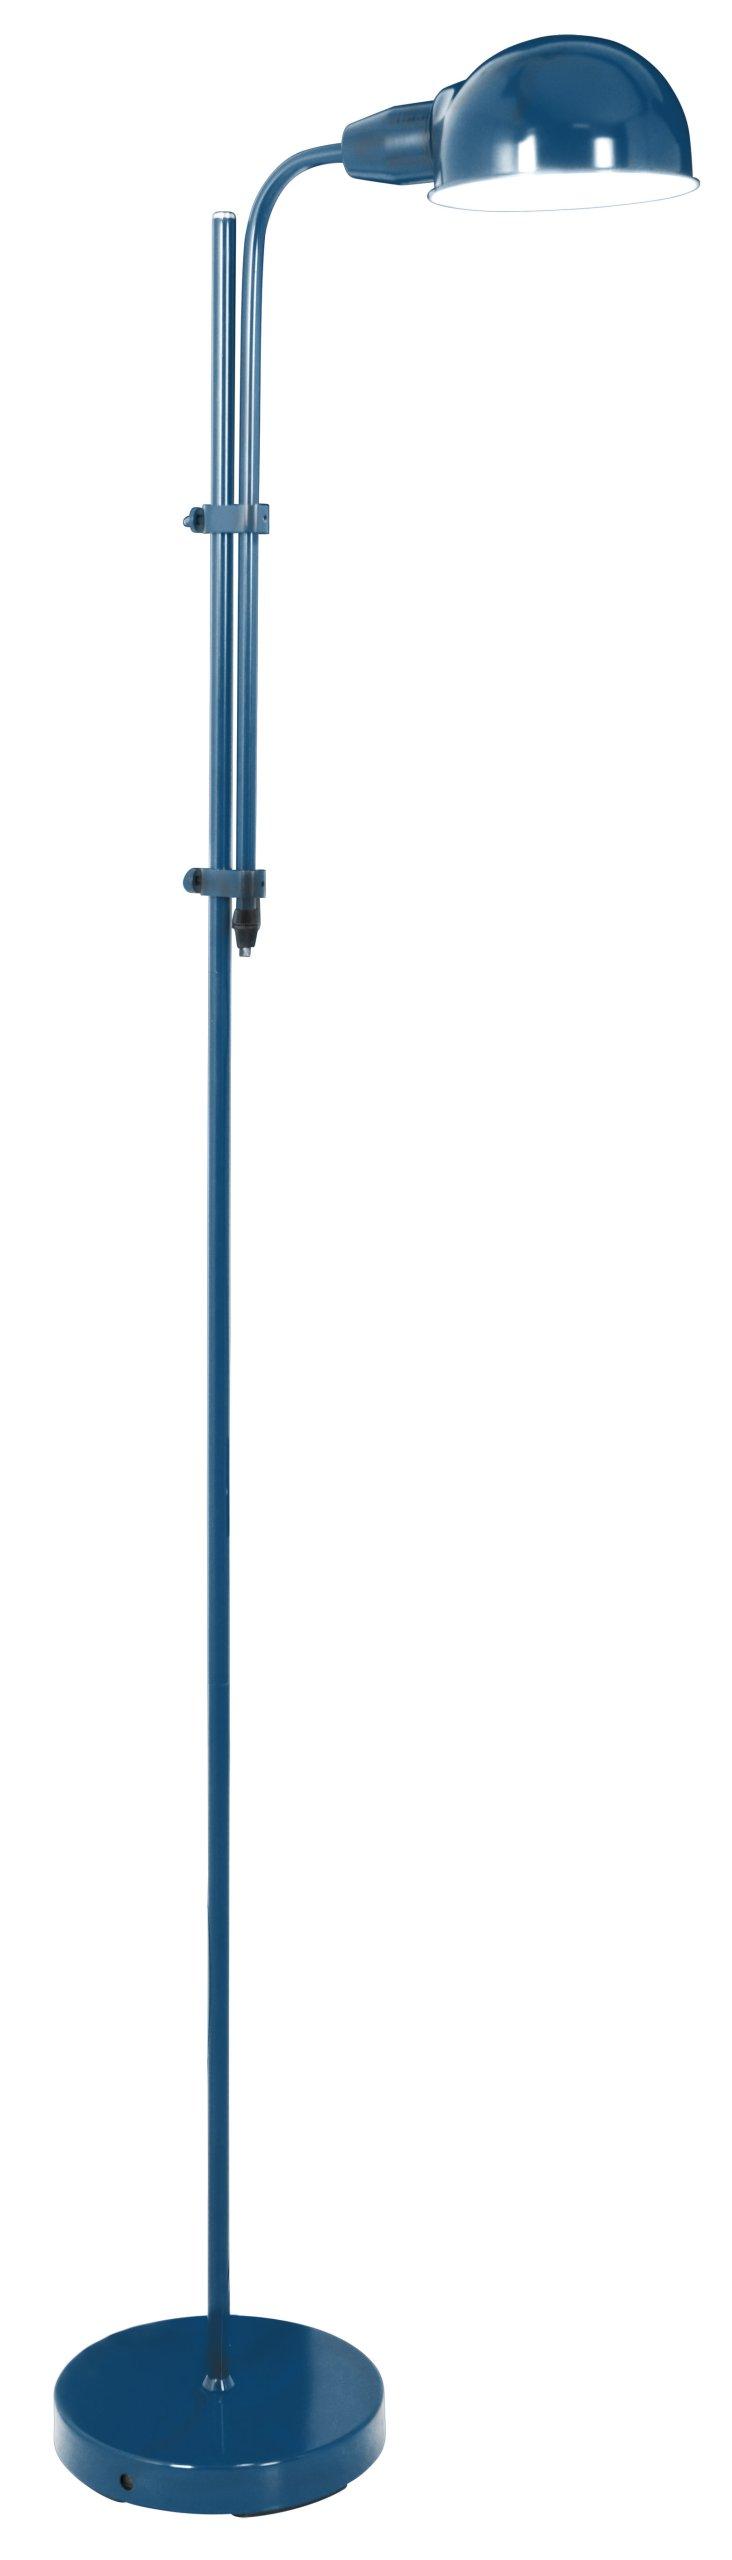 Podlahová lampa Retro 2043912 LOĎ modrá kov